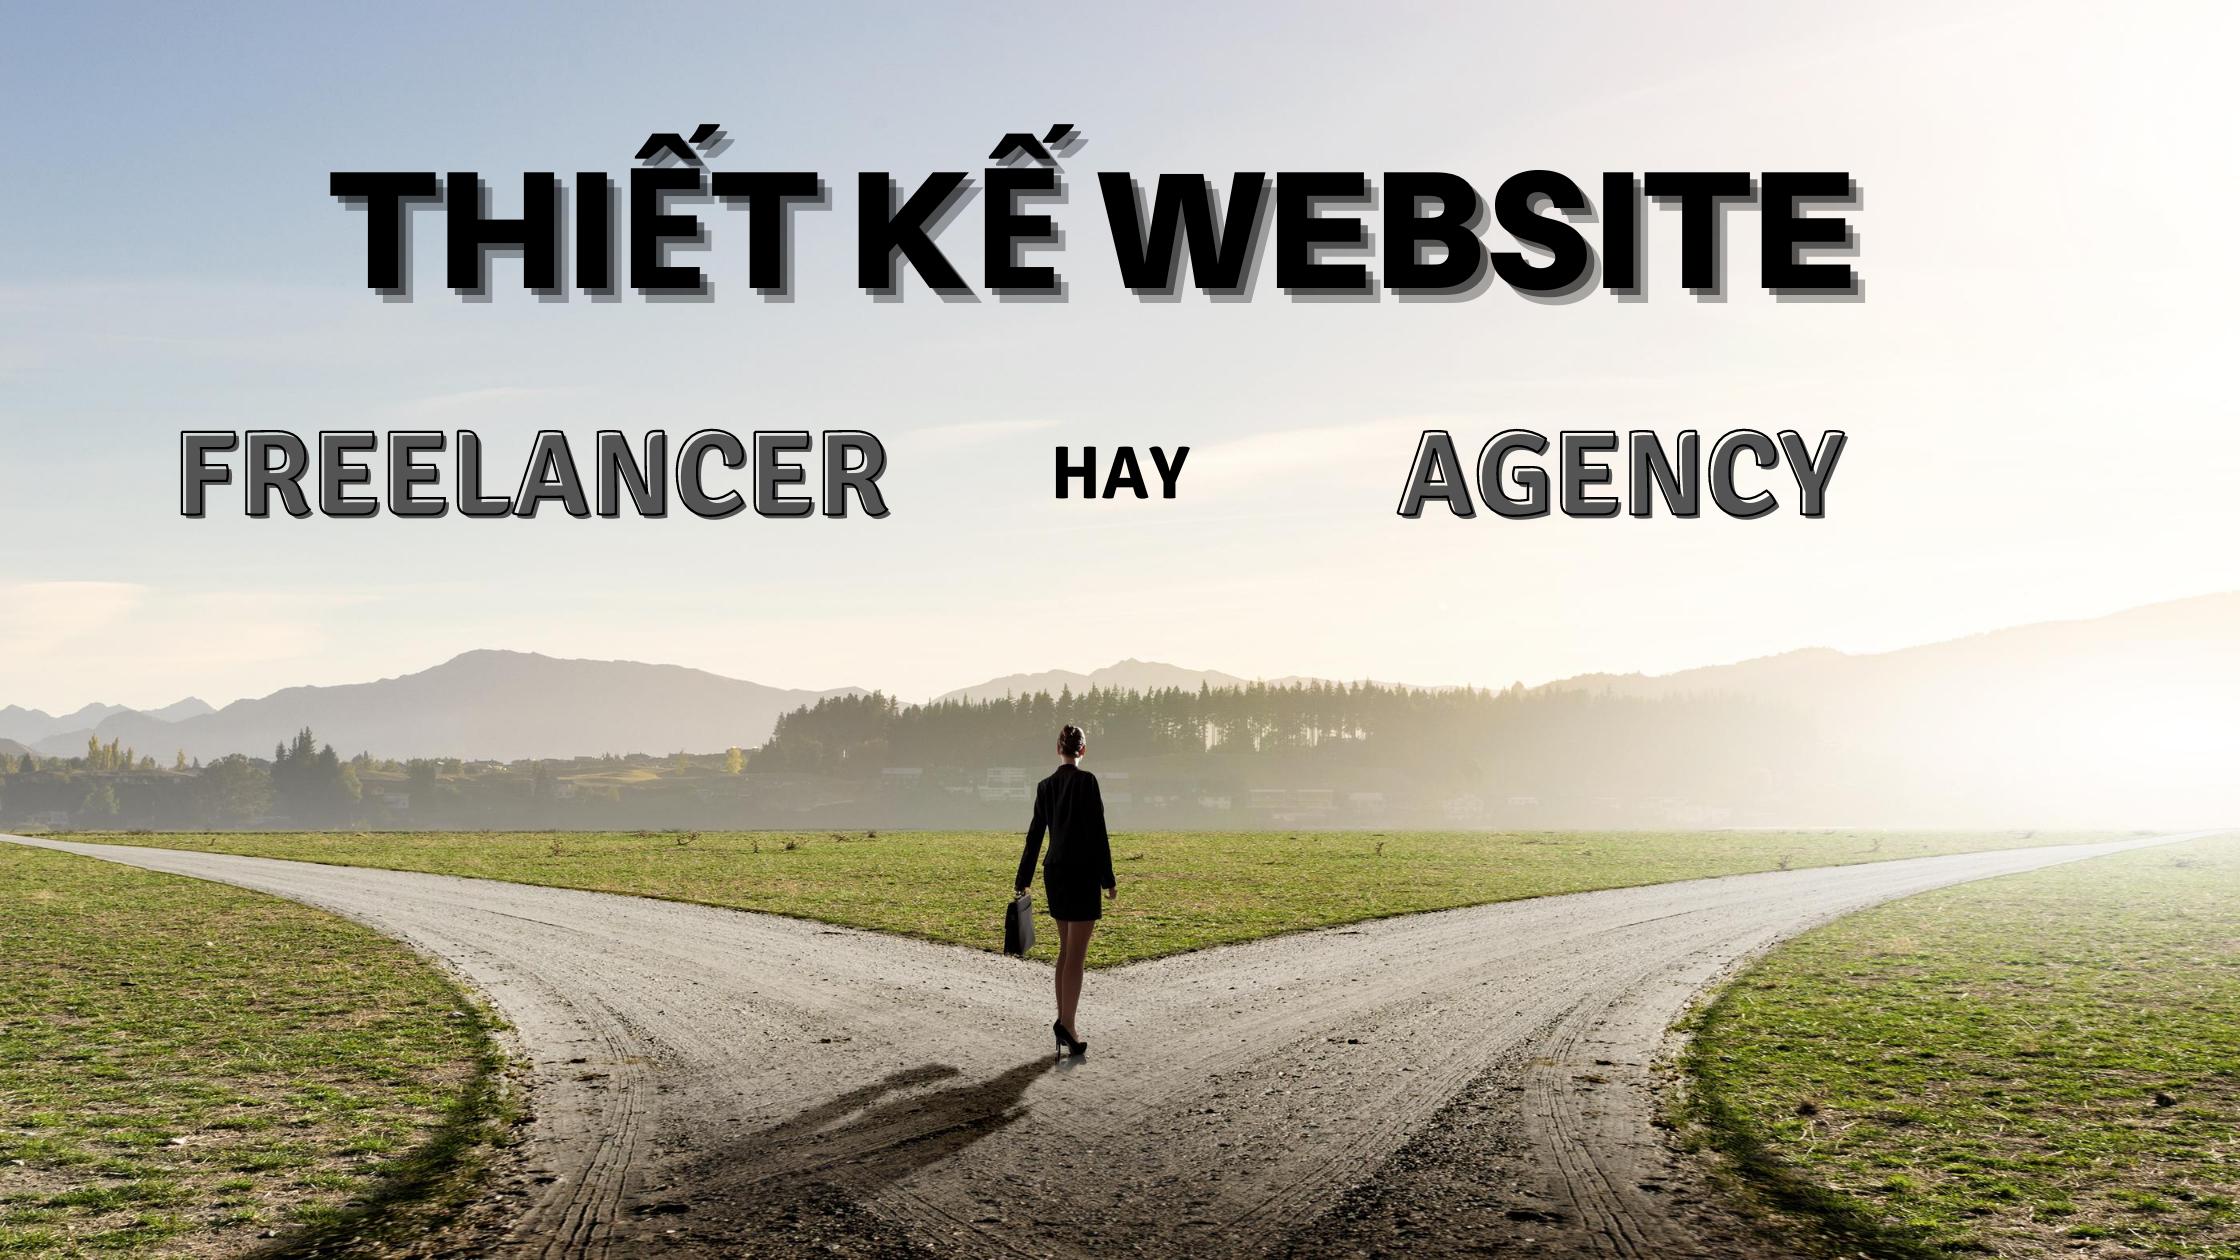 THIẾT KẾ WEBSITE – CHỌN AGENCY HAY FREELANCER?